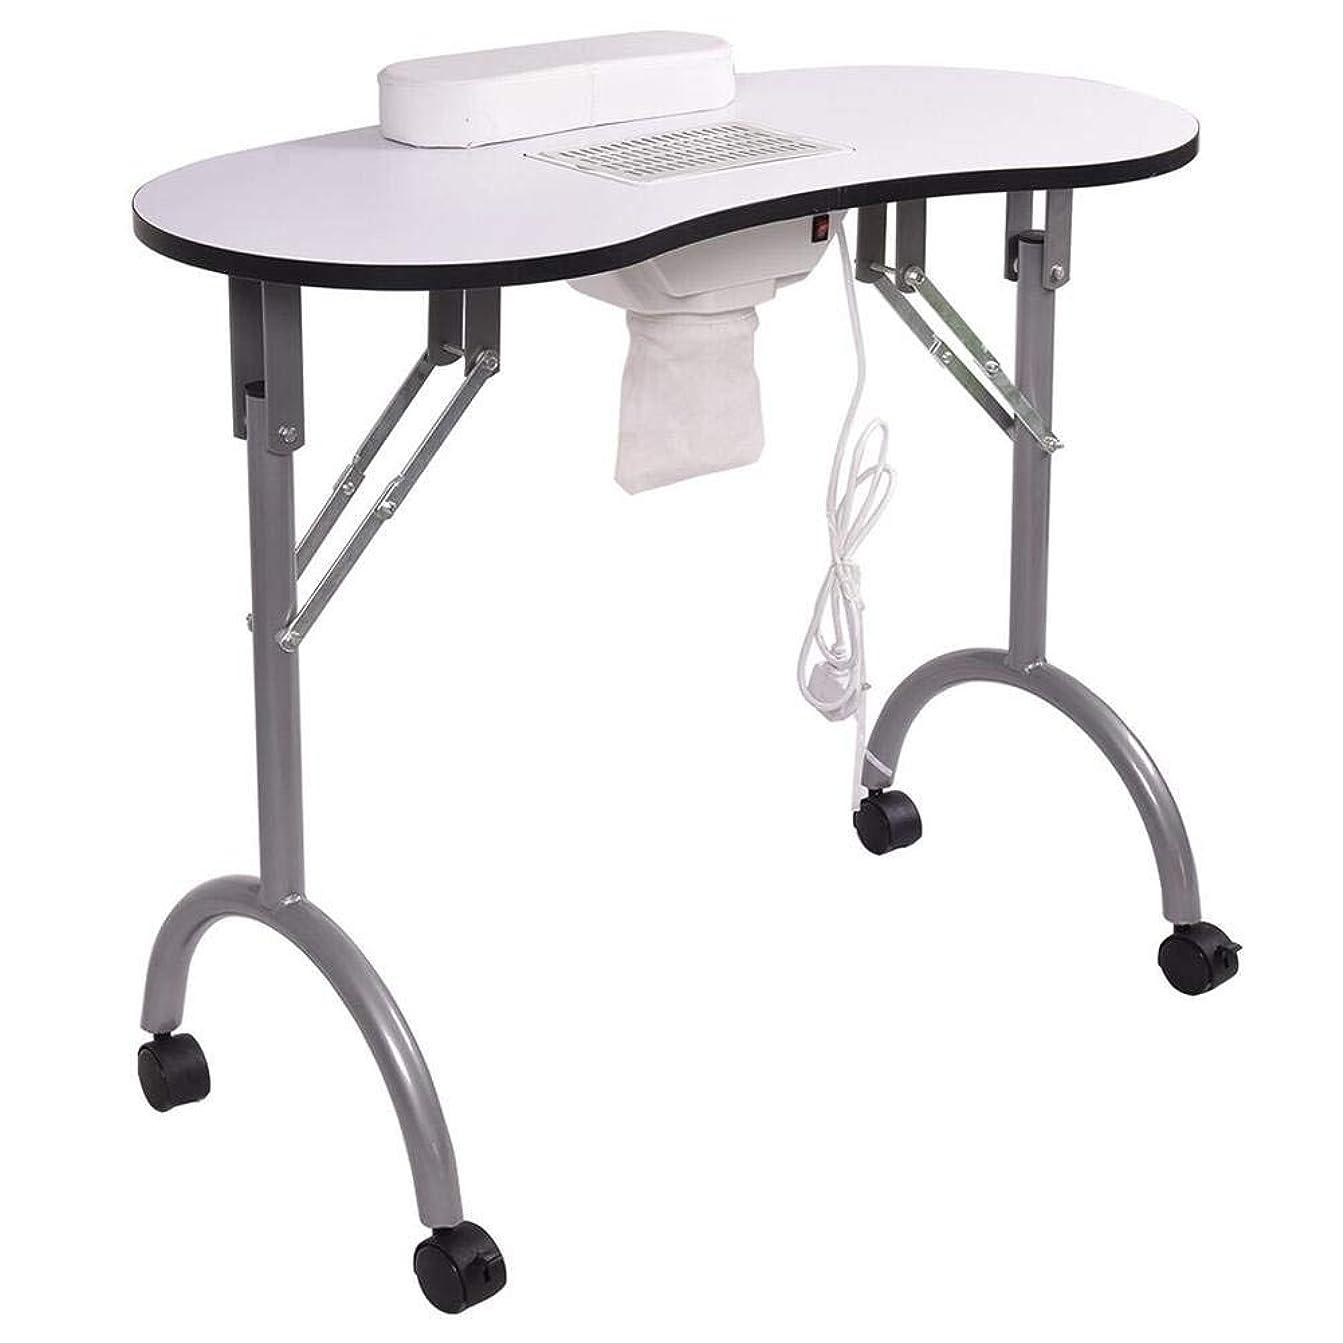 ネイルテーブルマニキュアテーブル折りたたみポータブルベントネイルデスクワークステーションサロンスパwithネイル掃除機andbag